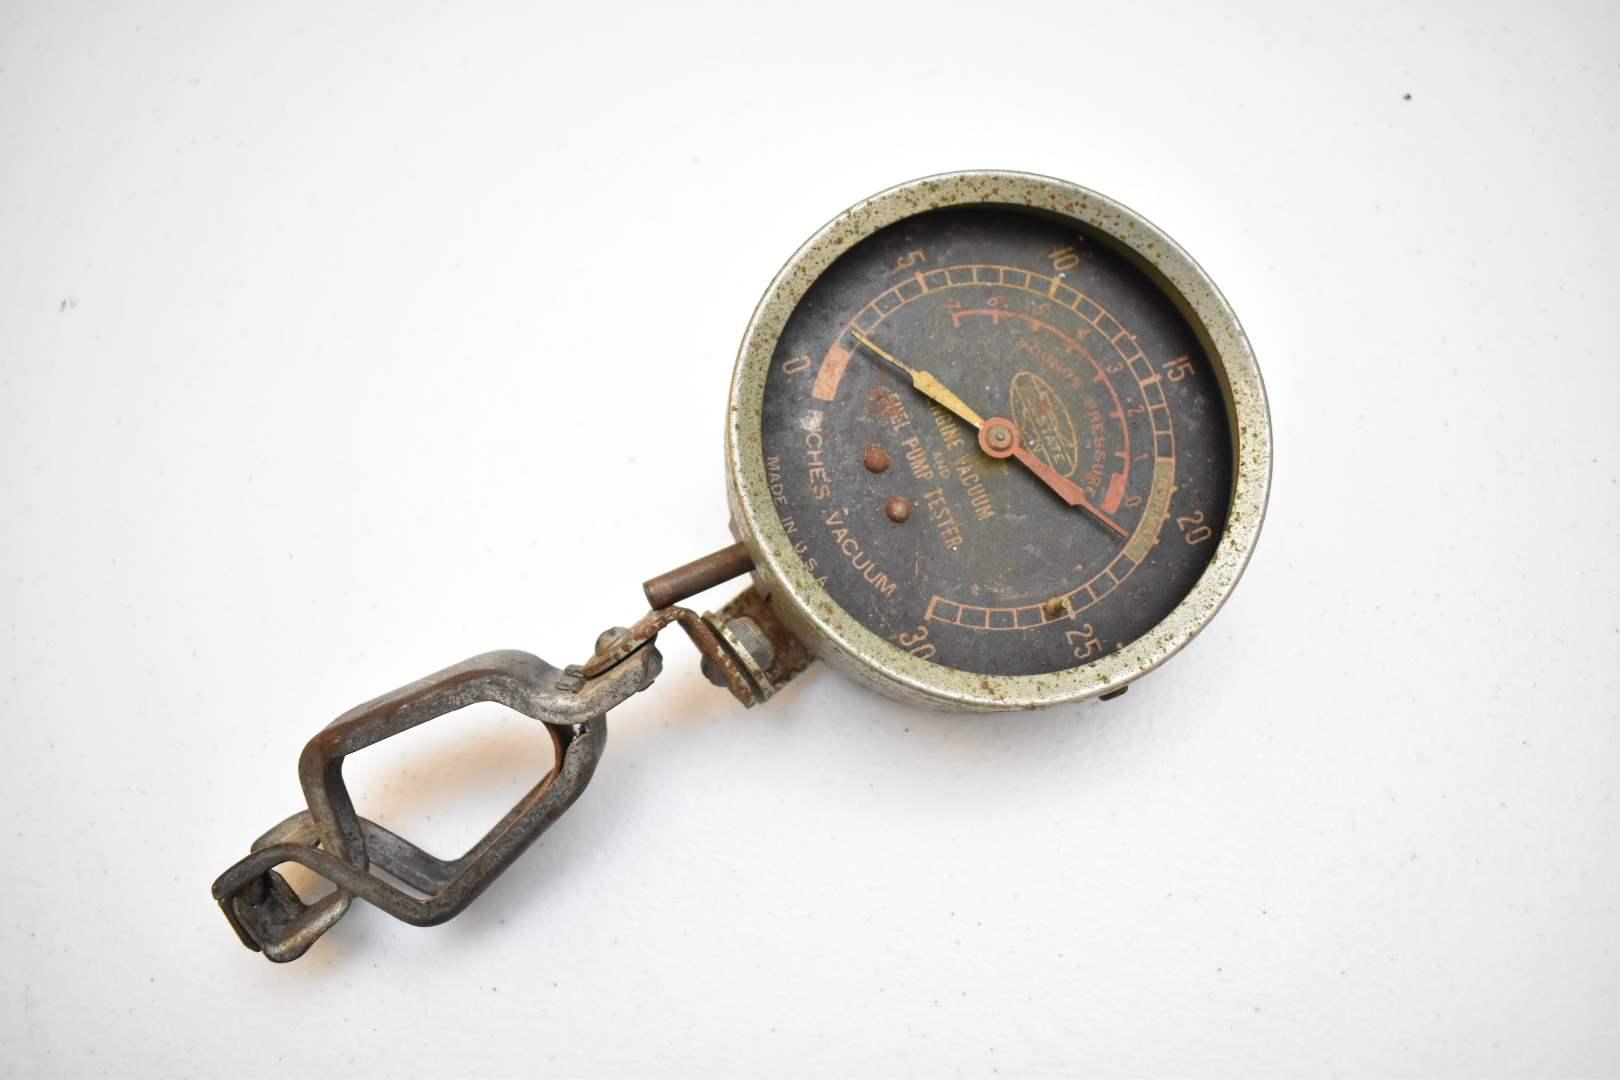 Very Old Pressure Gauge